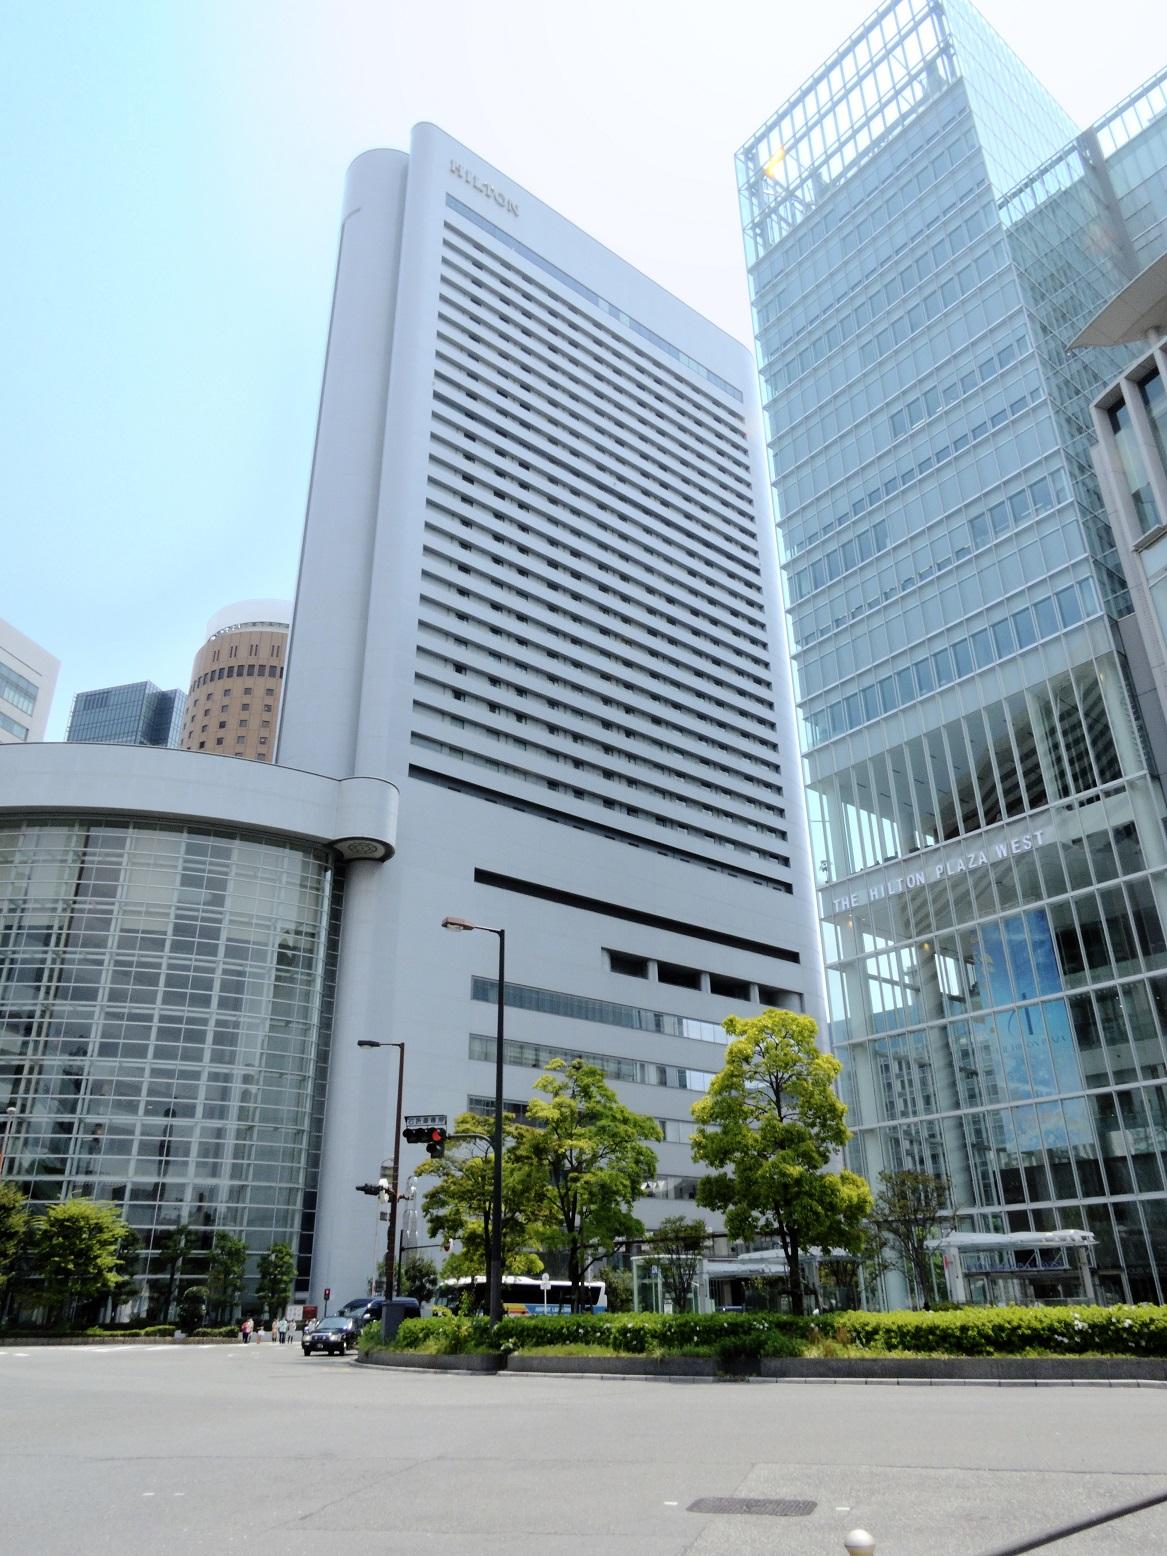 ヒルトン大阪 - 外観